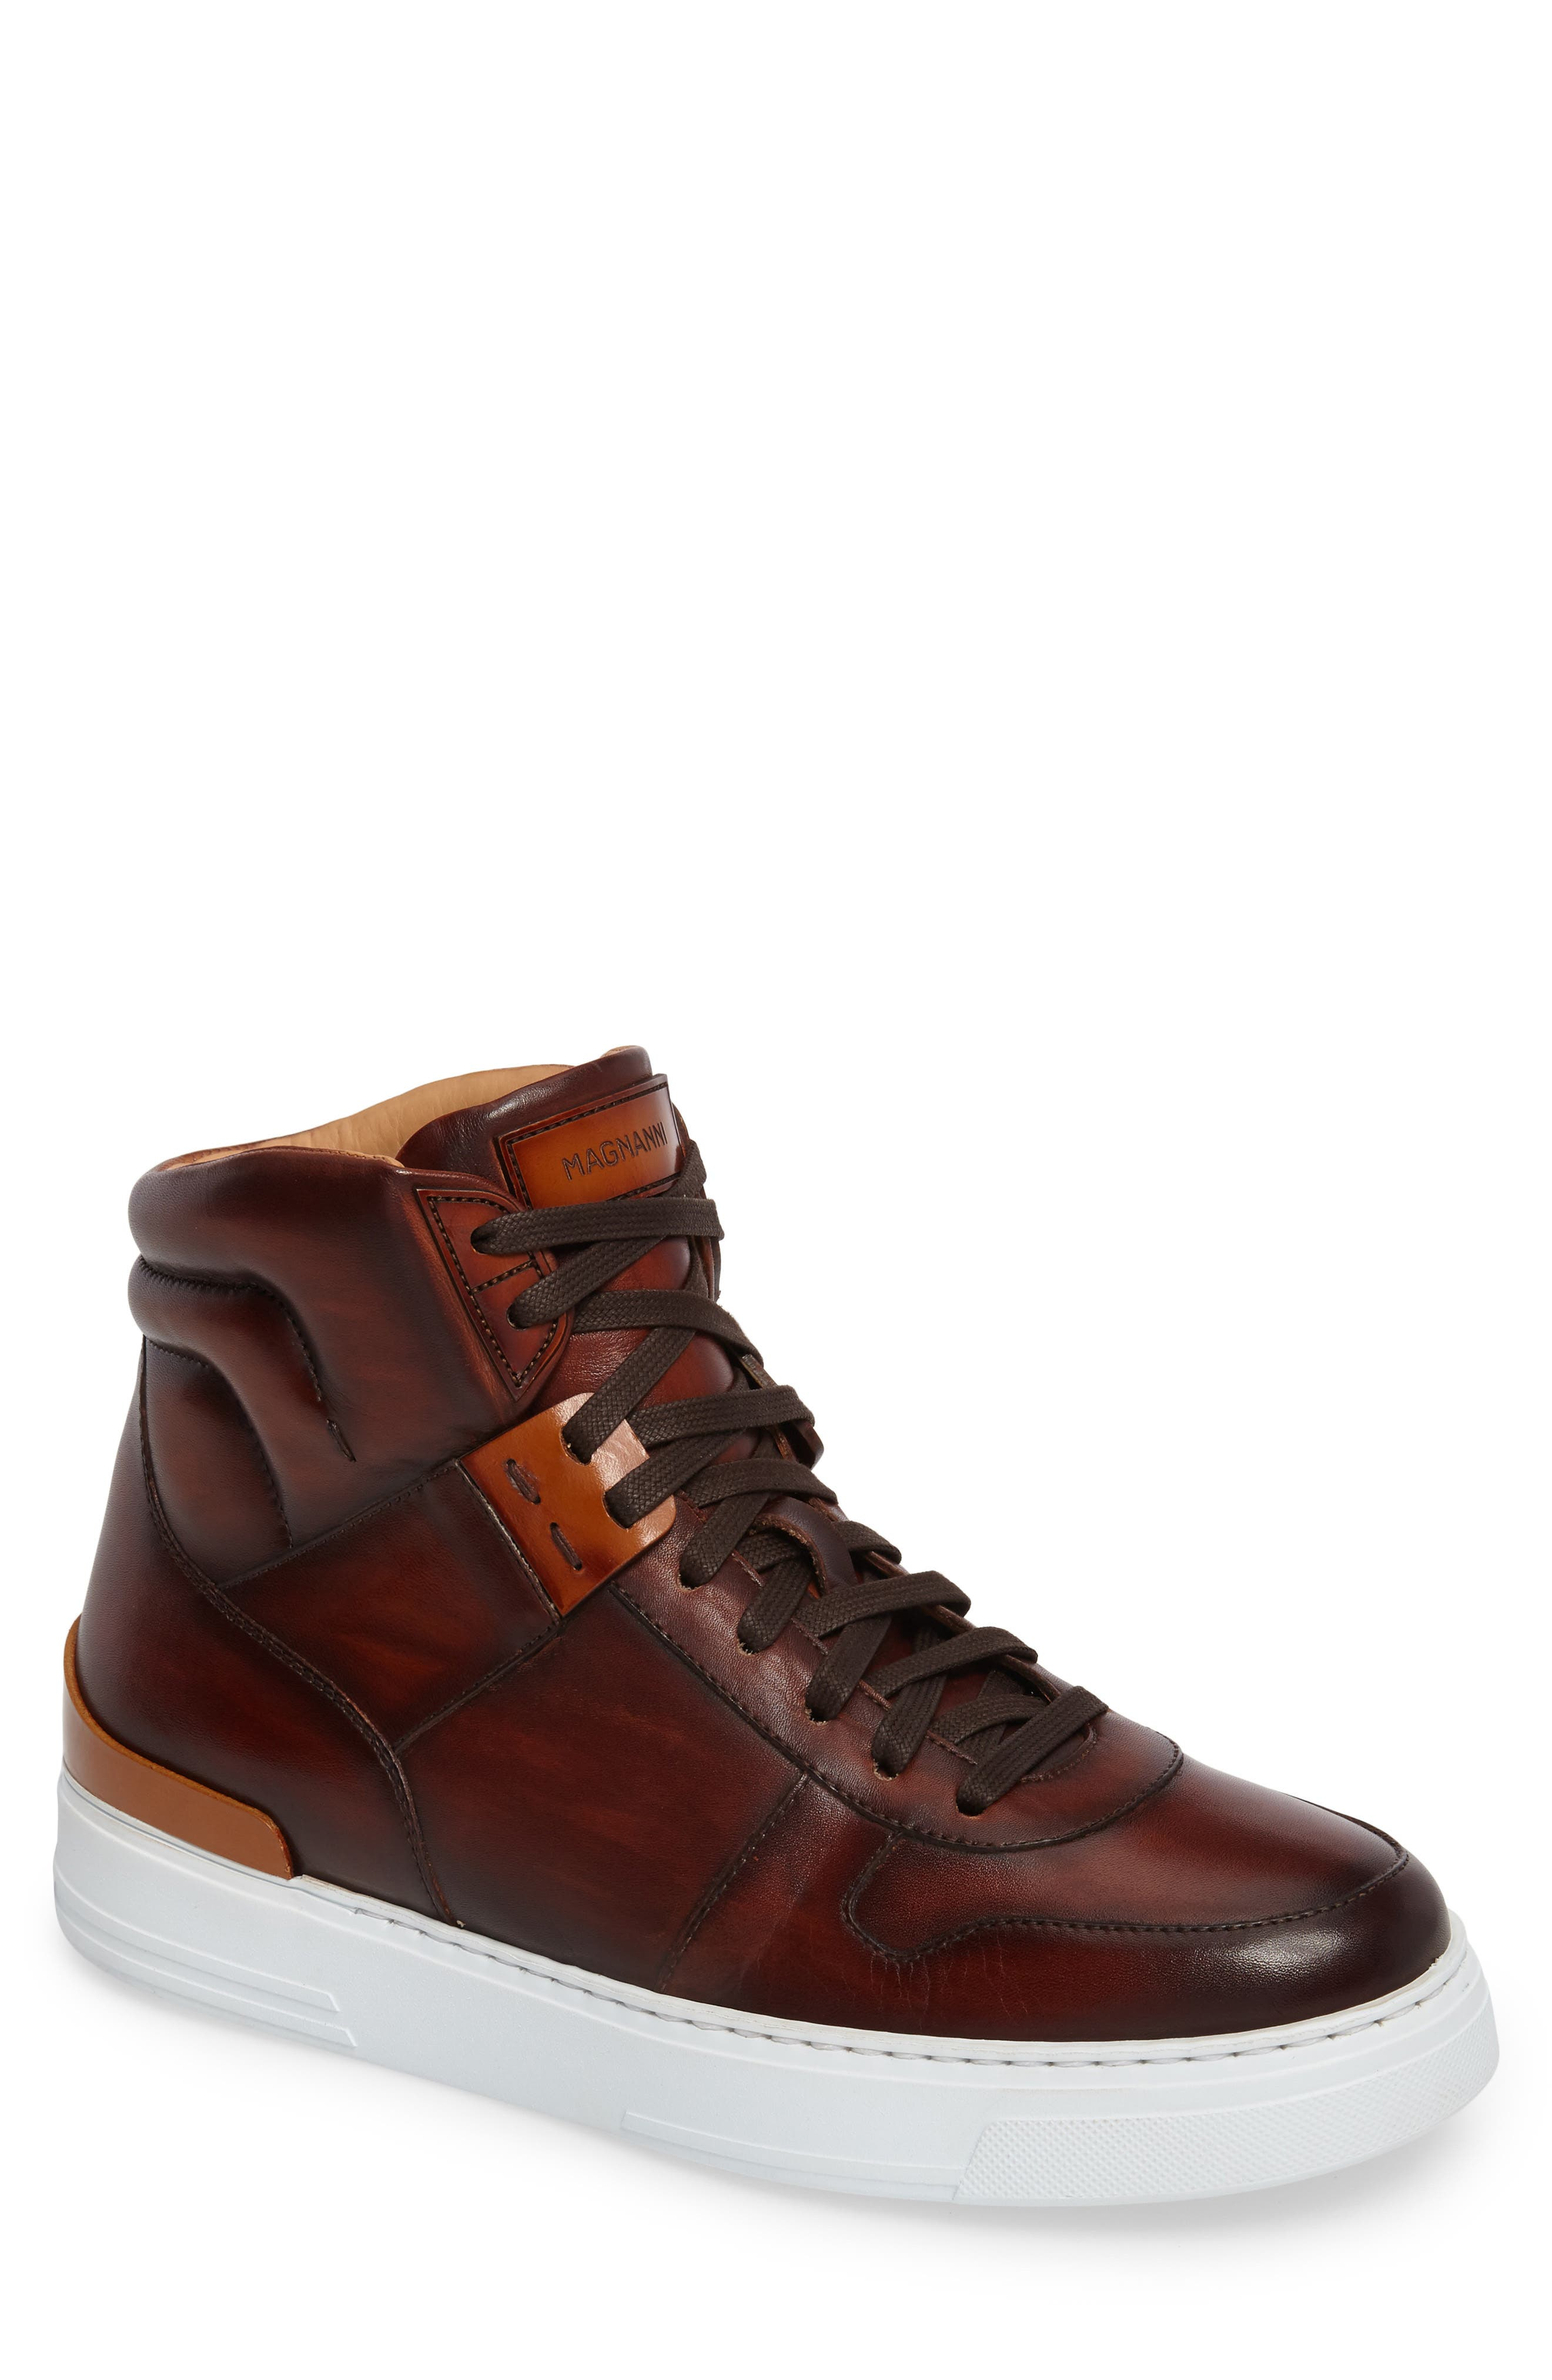 Endo Hi Sneaker,                         Main,                         color, 230